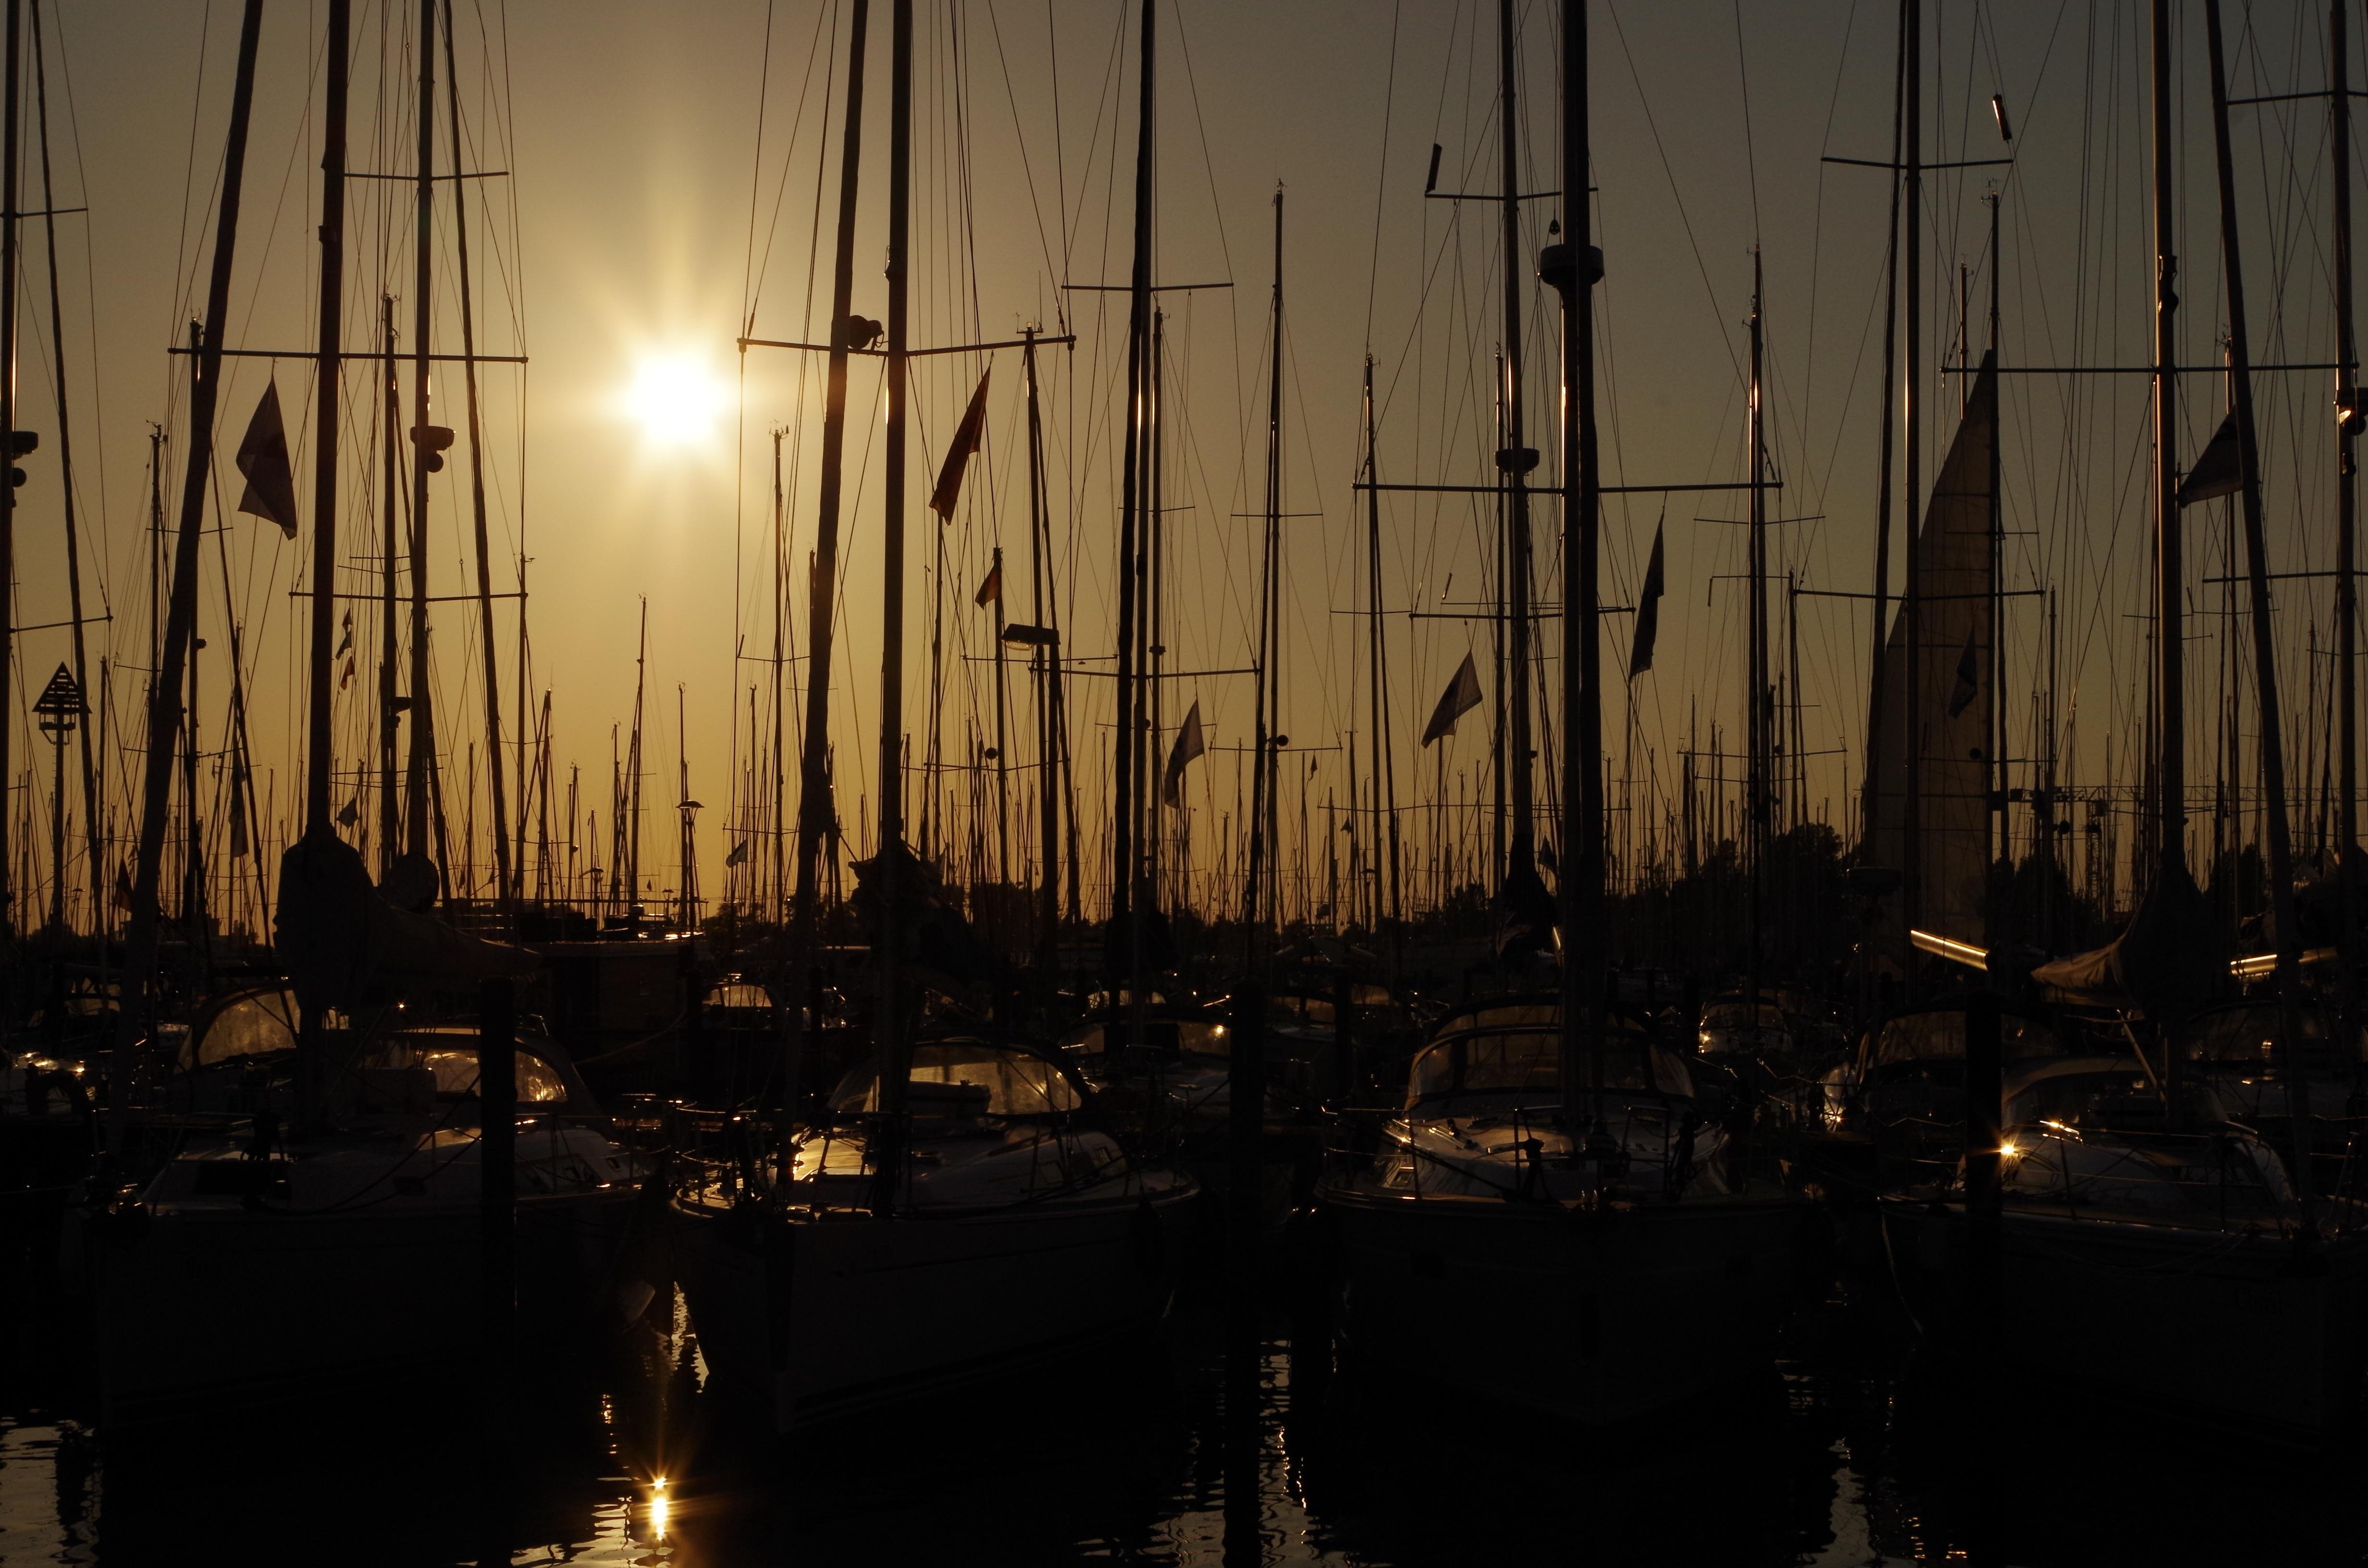 Gratis Afbeeldingen : water, licht, zonsondergang, nacht, zonlicht ...